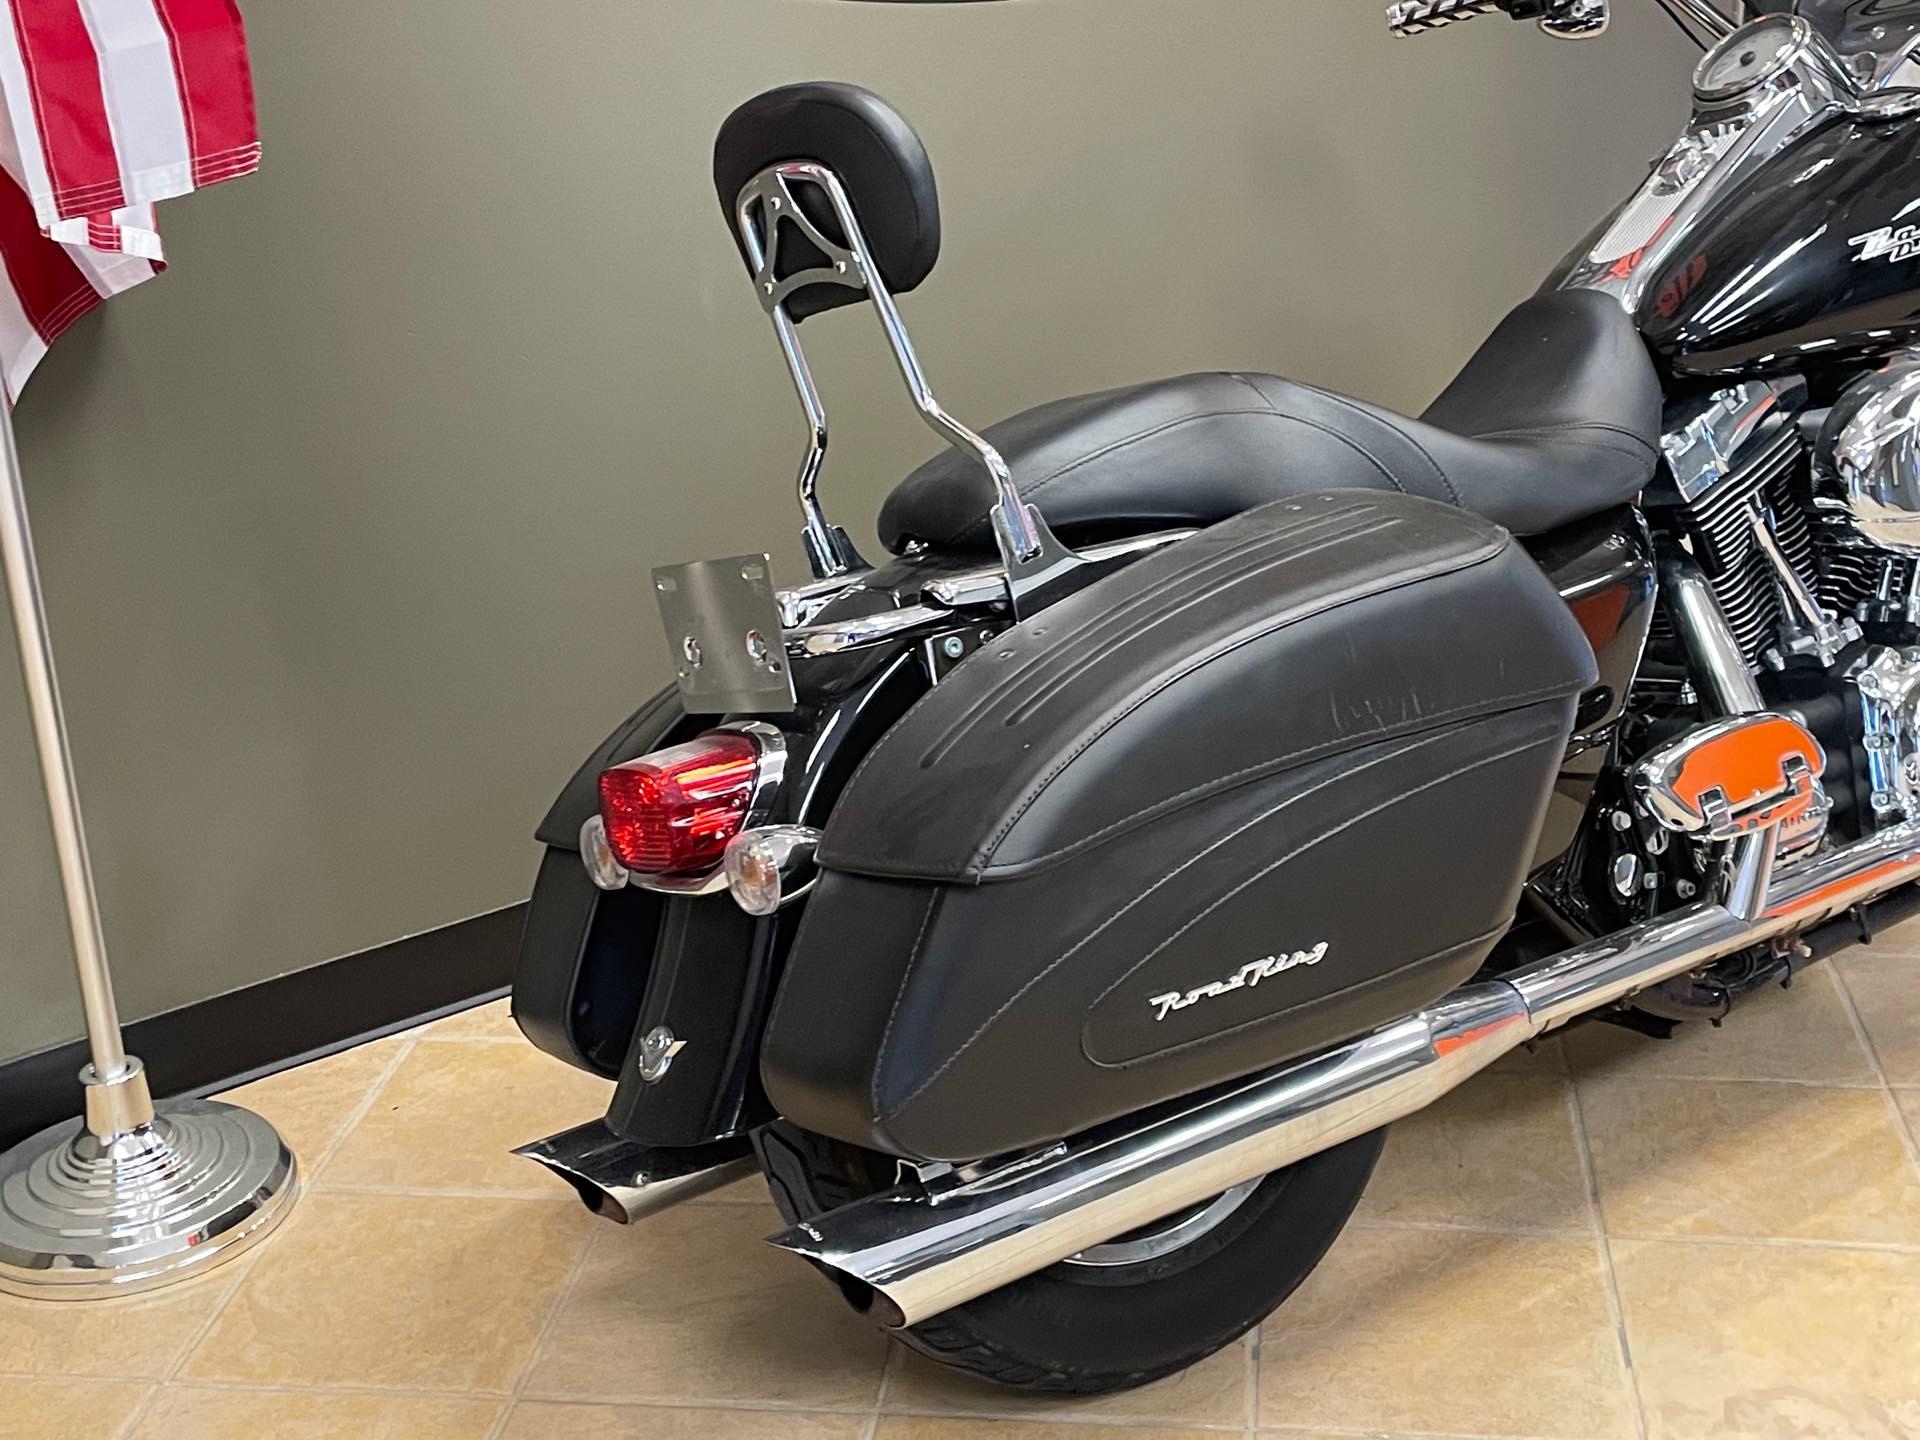 2007 Harley-Davidson Road King Custom at Loess Hills Harley-Davidson